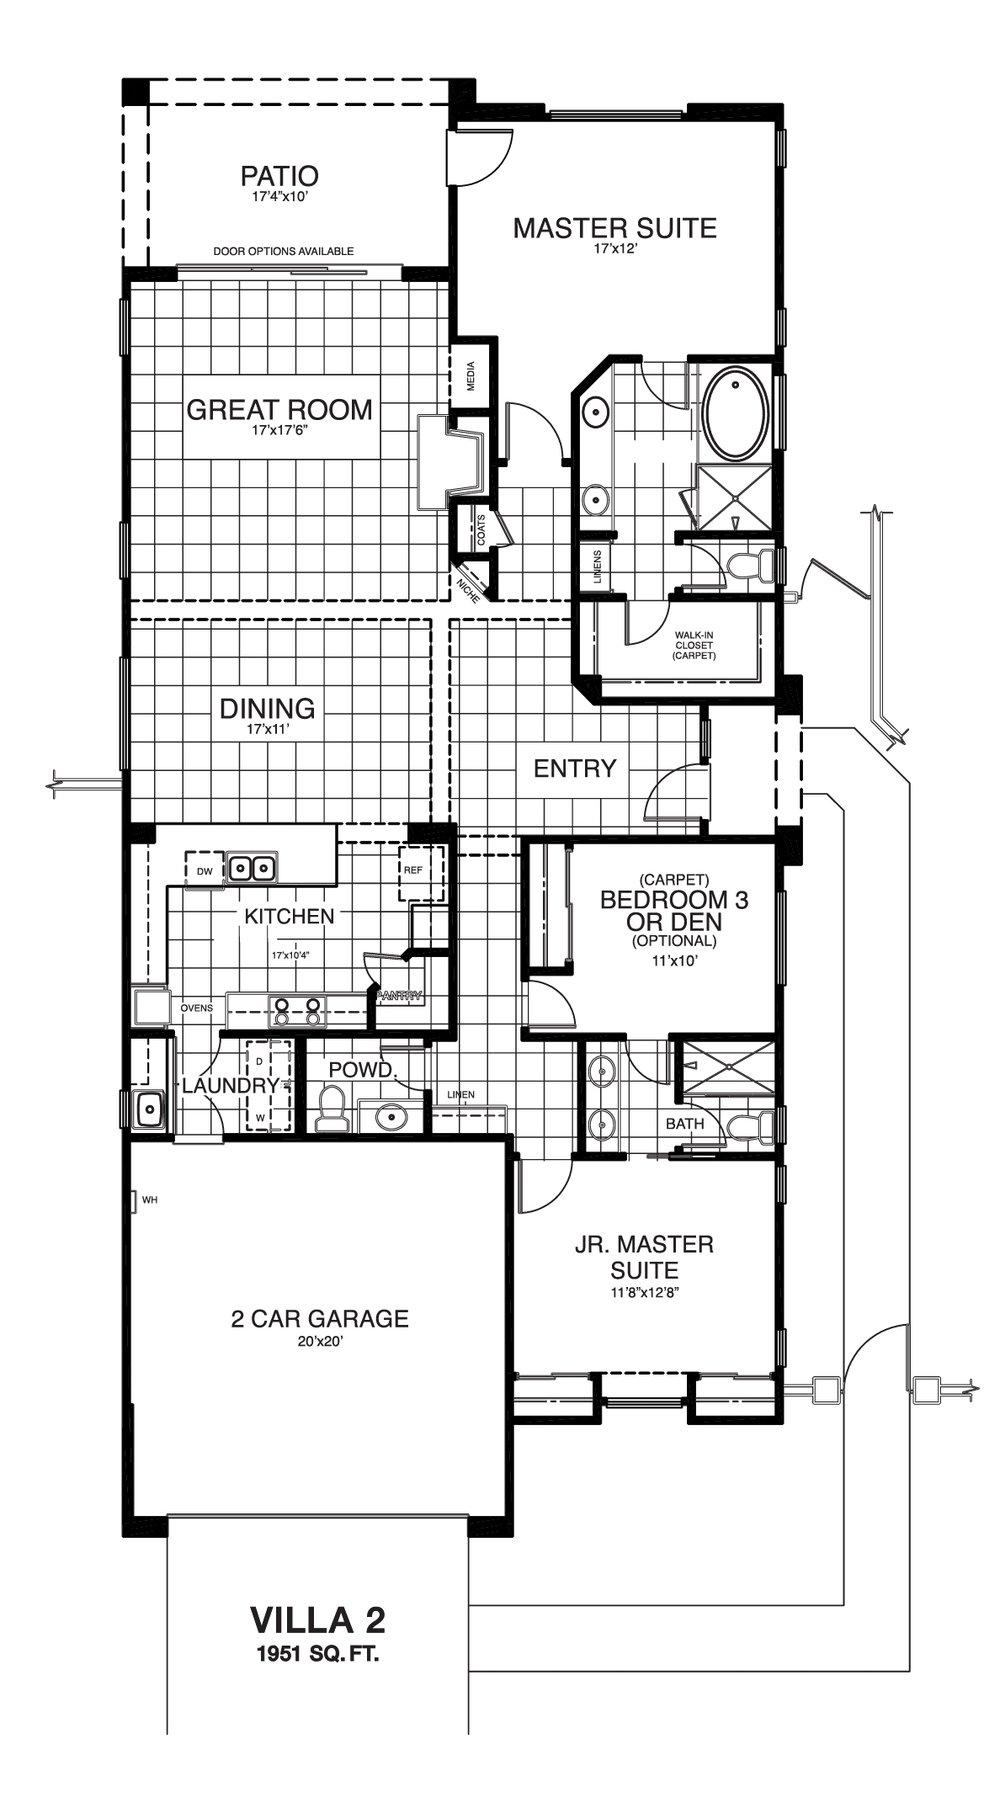 Villa 2 reverse floor plan.